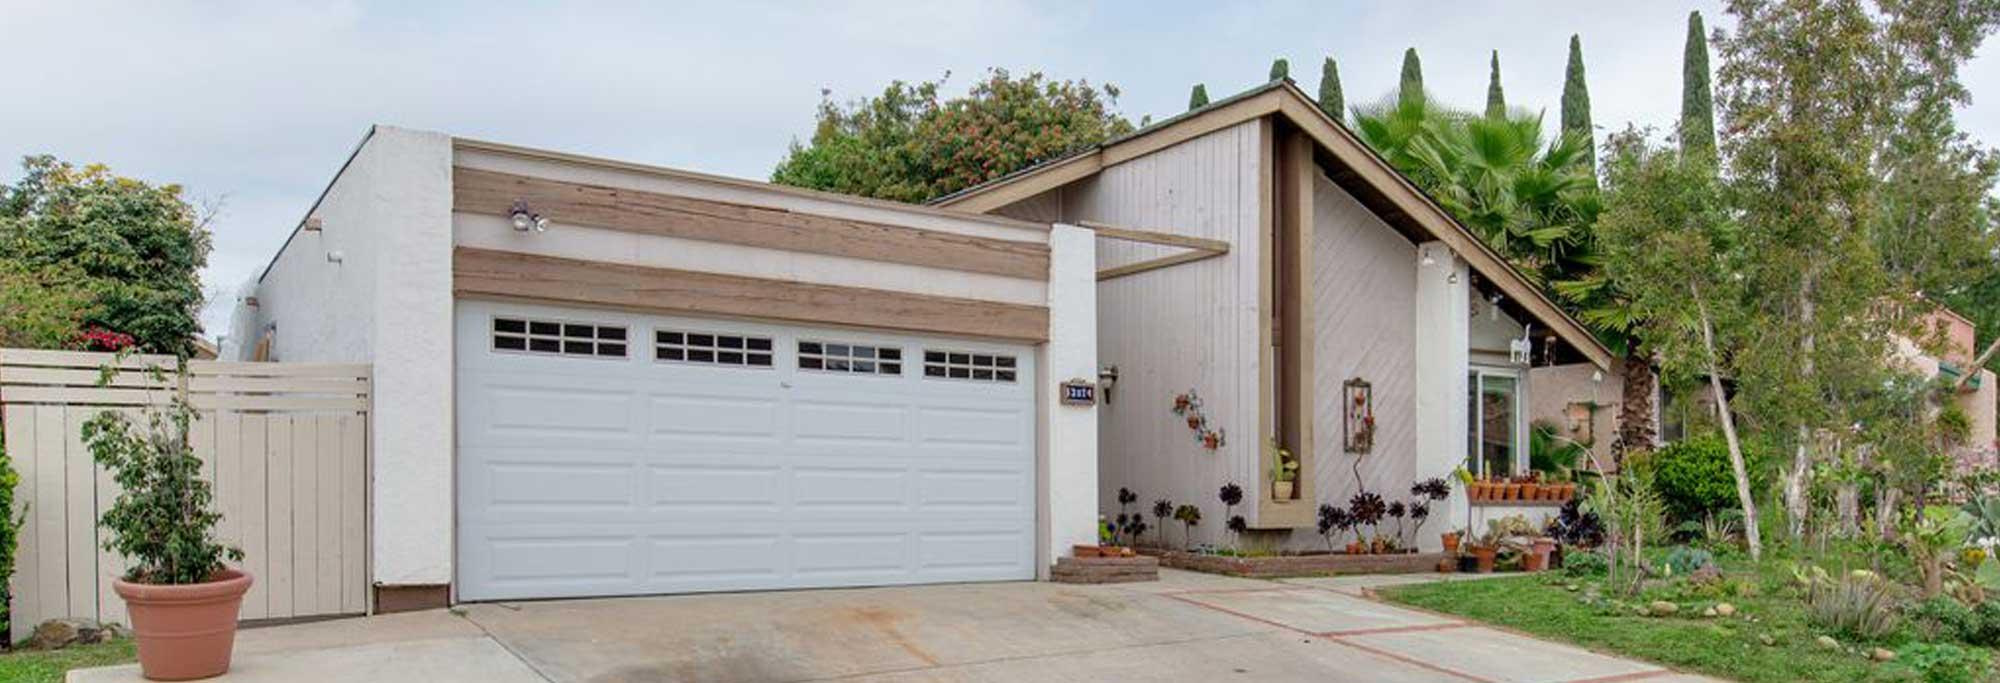 13074 Sundance Ave, San Diego, CA 92129